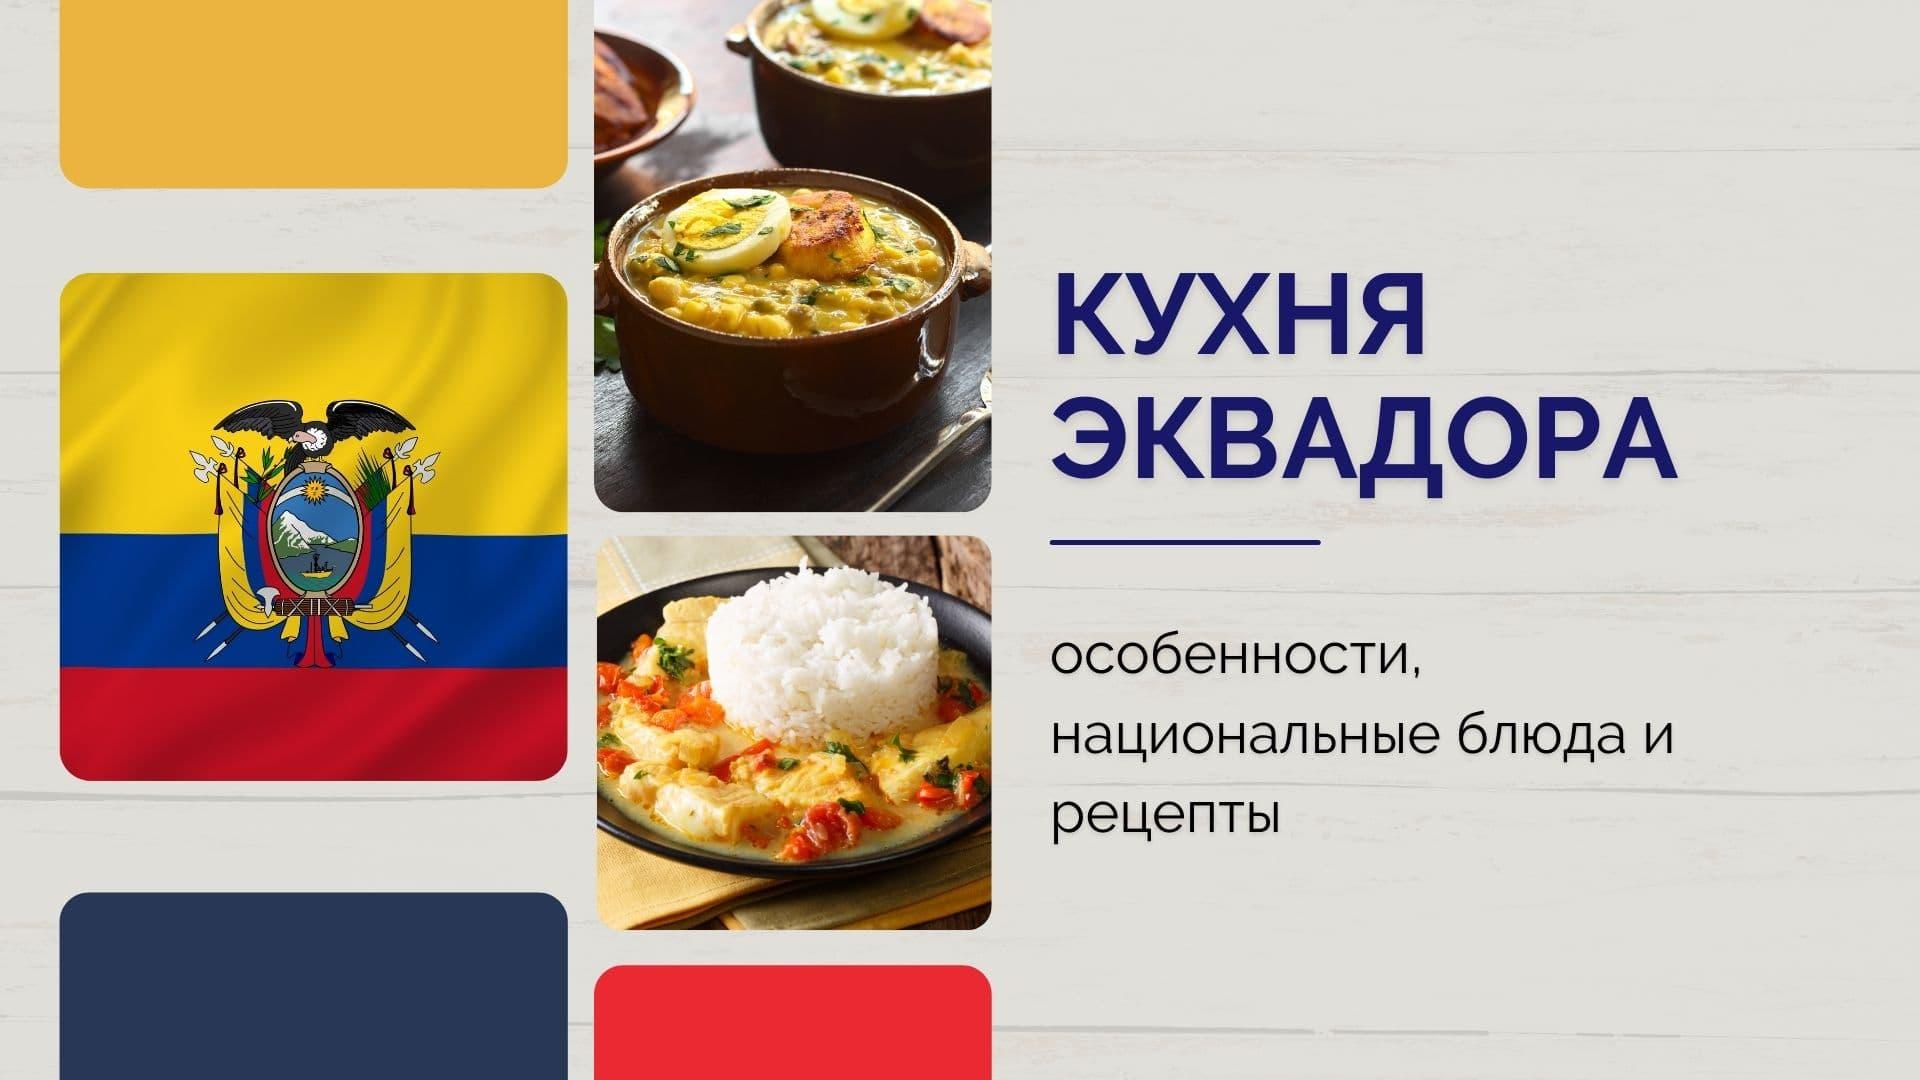 Кухня Эквадора: особенности, национальные блюда и рецепты